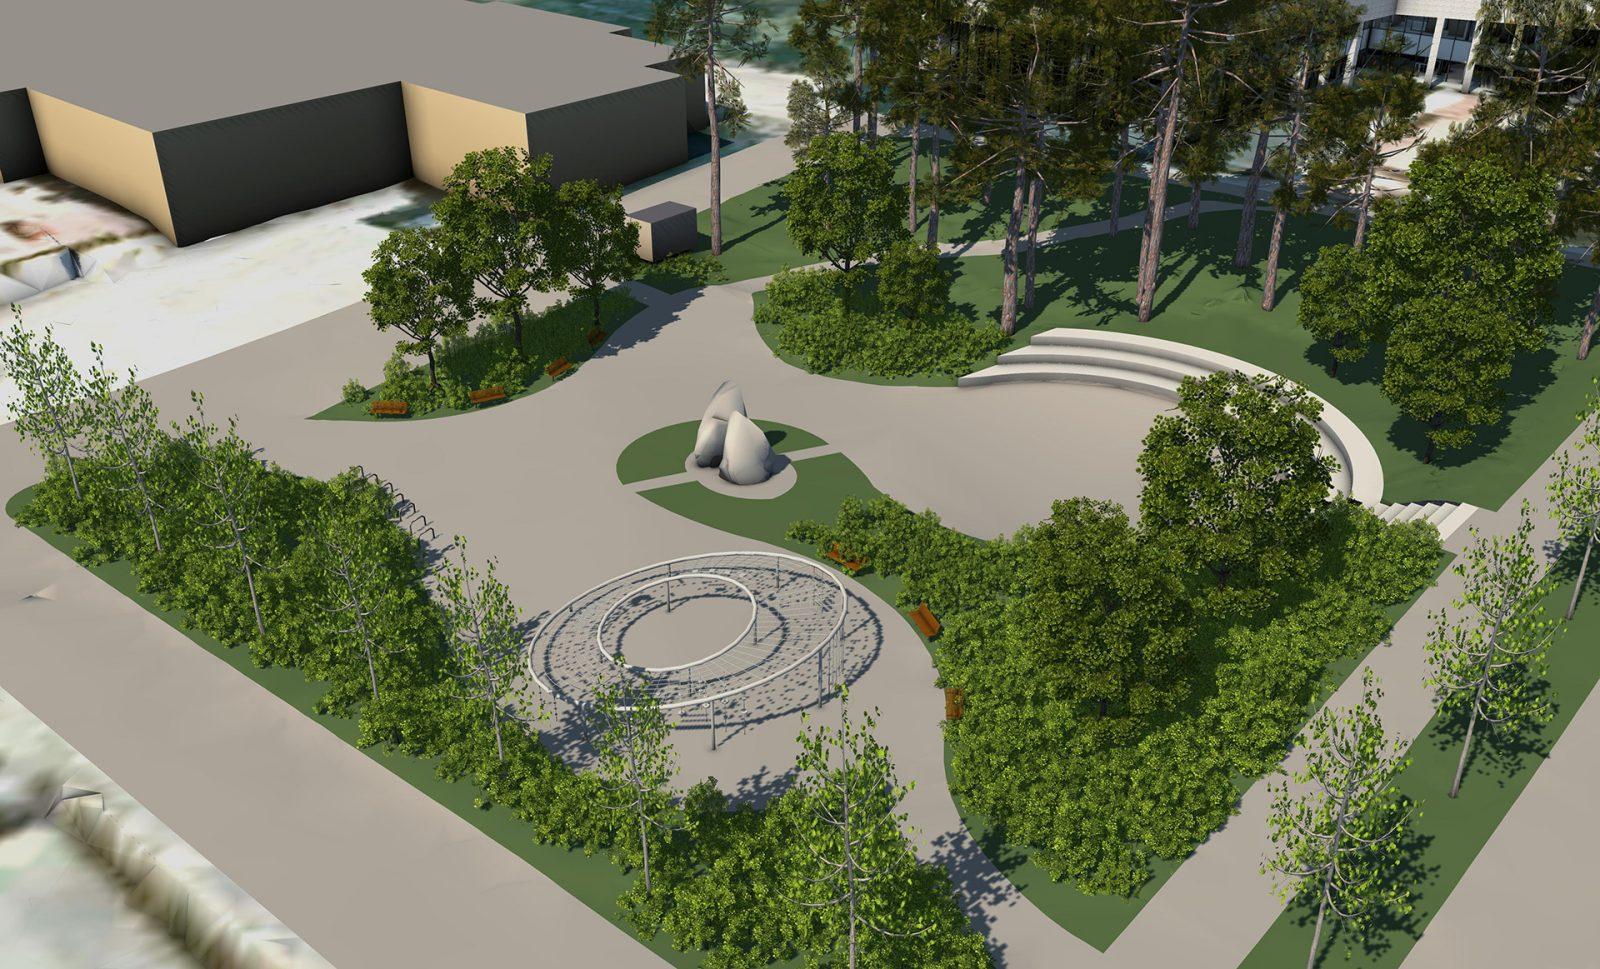 Havainnekuvassa on esitetty vehreä puisto, jossa on mäntyjä sekä keskellä kiviveistos.